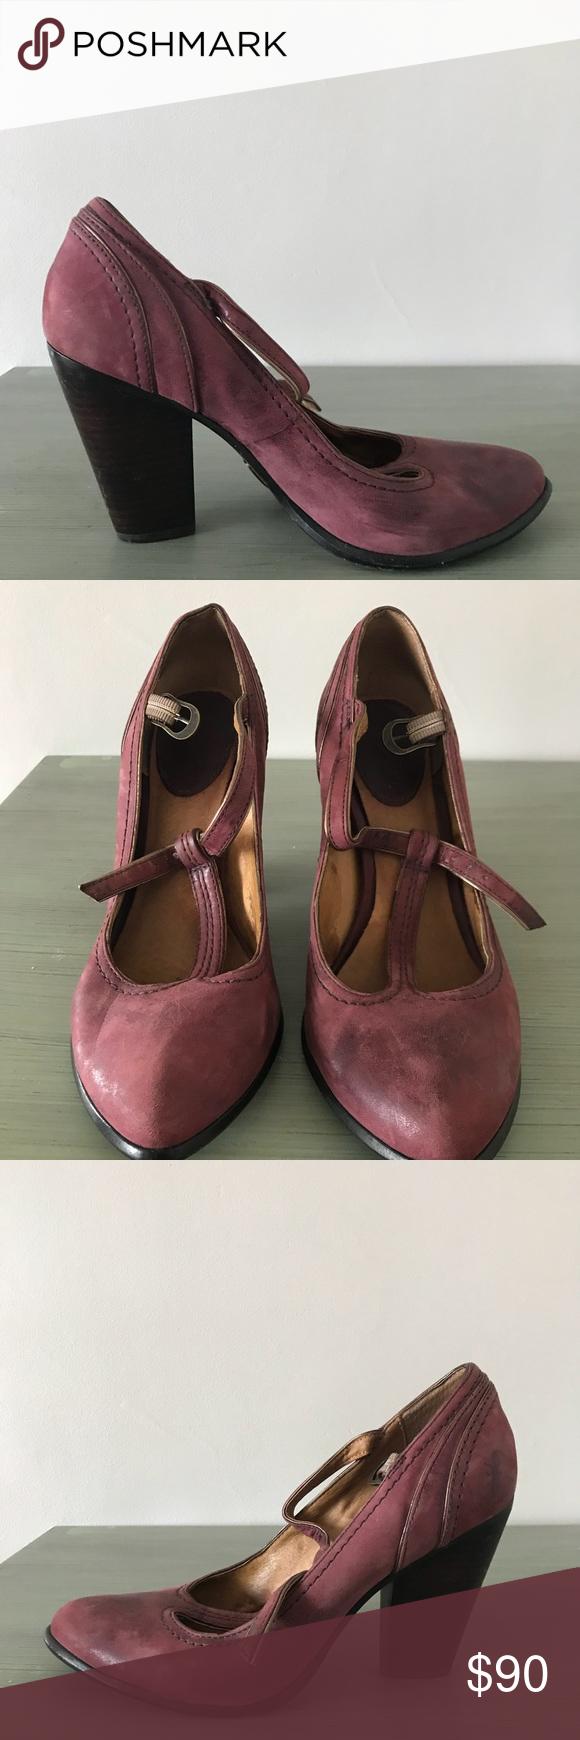 1624850ce09a Frye Betty T-strap Heels Frye Betty T-strap Heels in a burgundy